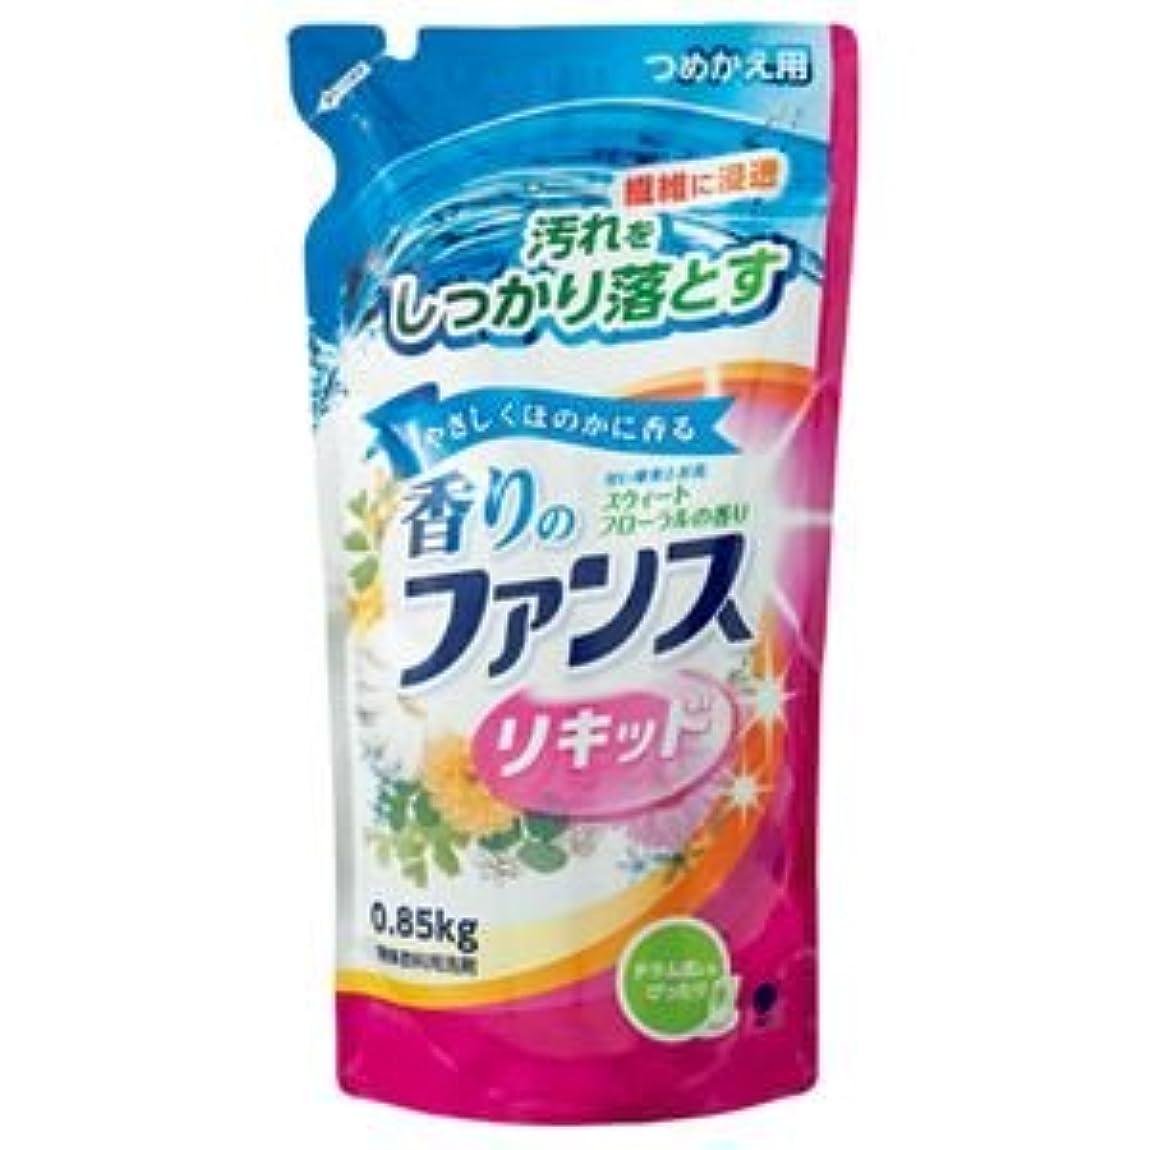 世論調査挽く朝ごはん(まとめ) 第一石鹸 香りのファンス 液体衣料用洗剤リキッド 詰替用 0.85kg 1個 【×15セット】